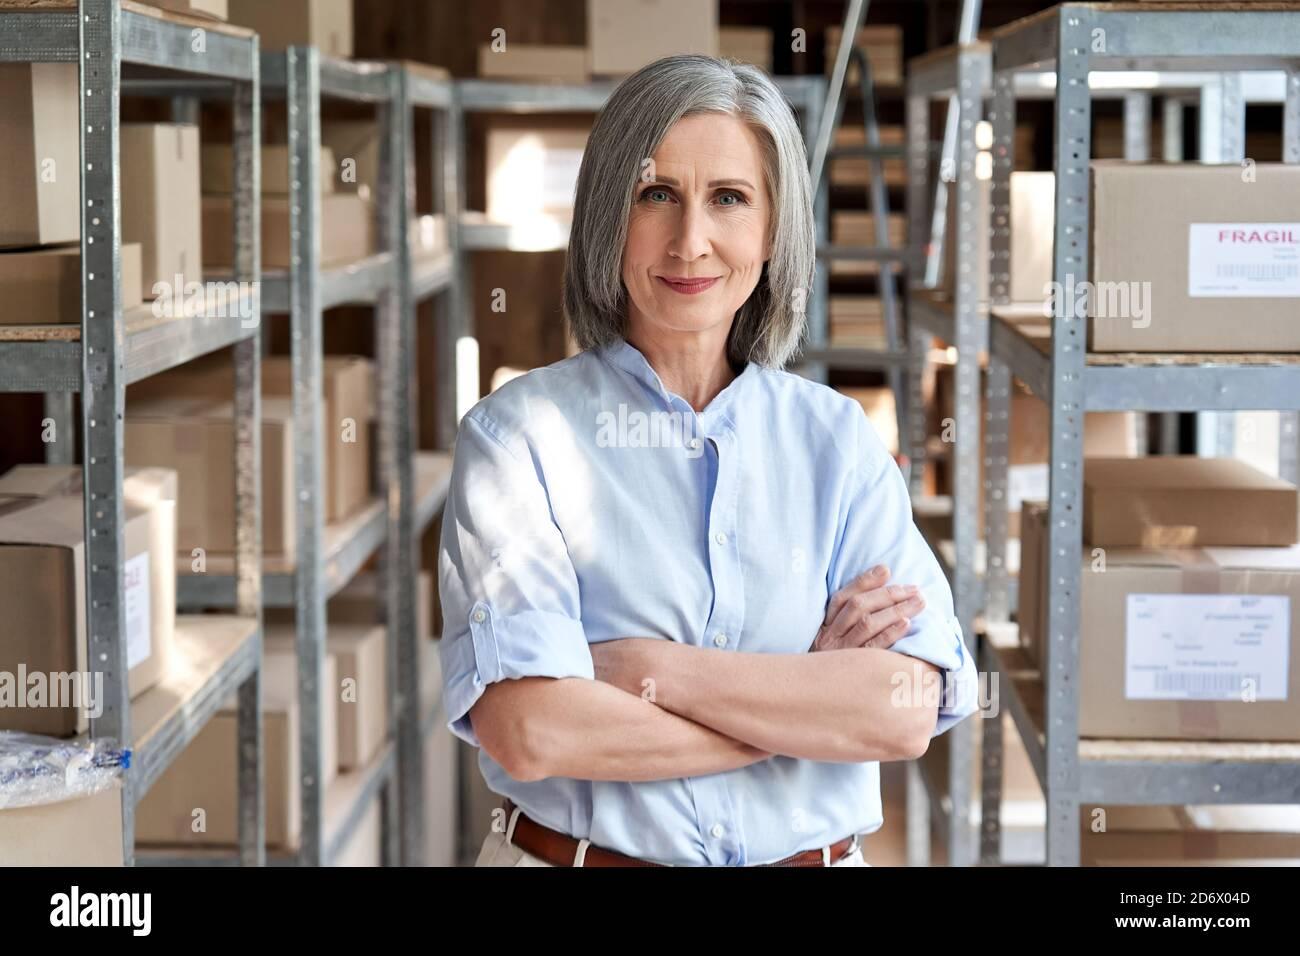 Femme confiante gérant debout dans l'entrepôt d'expédition de livraison, portrait. Banque D'Images